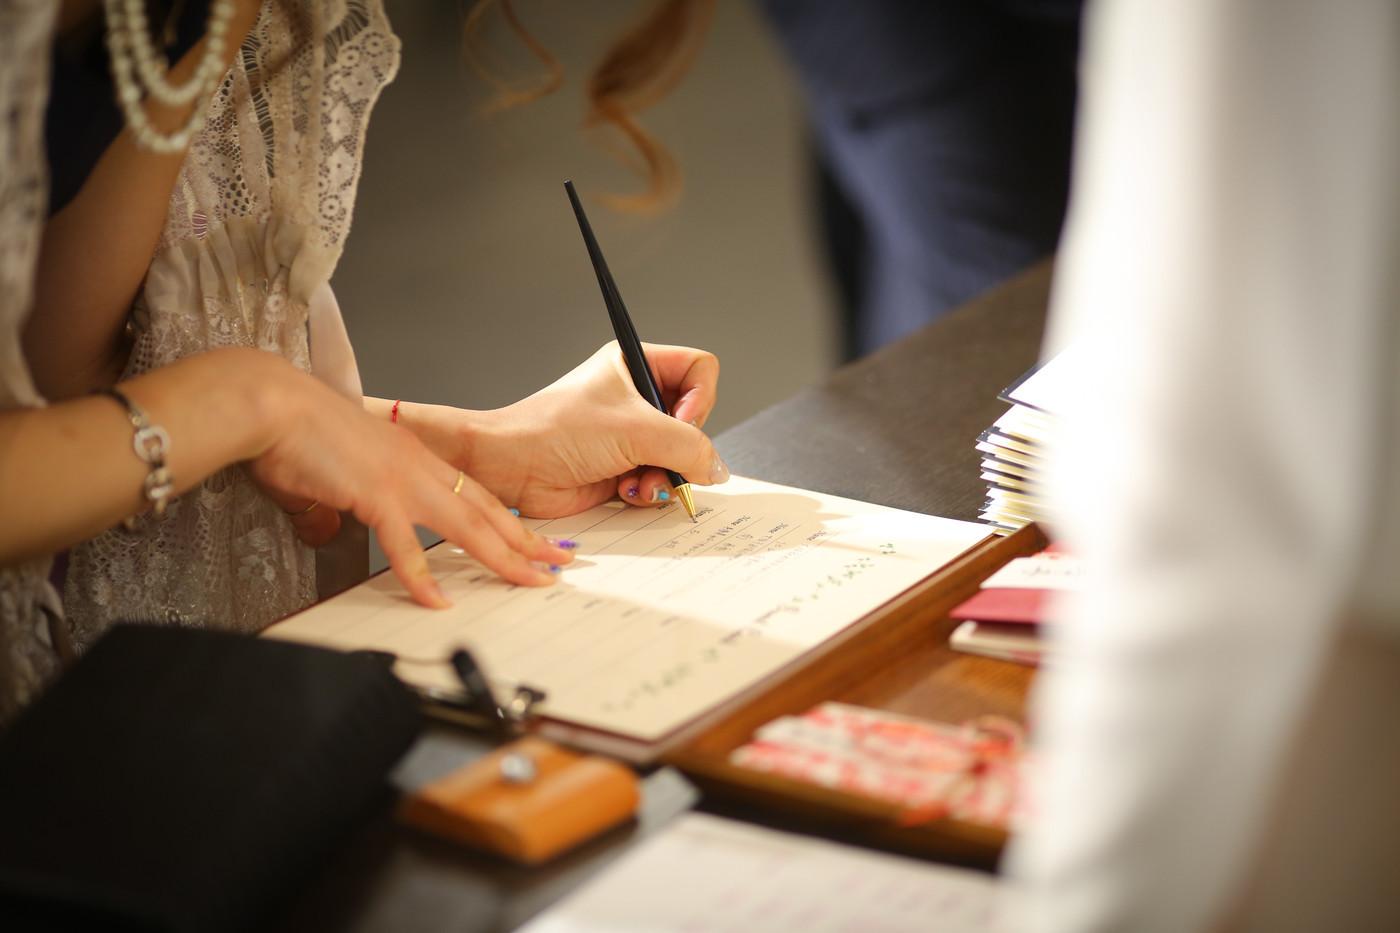 コンシェルジュ 水口さん 作成ブログ 写真1.jpg